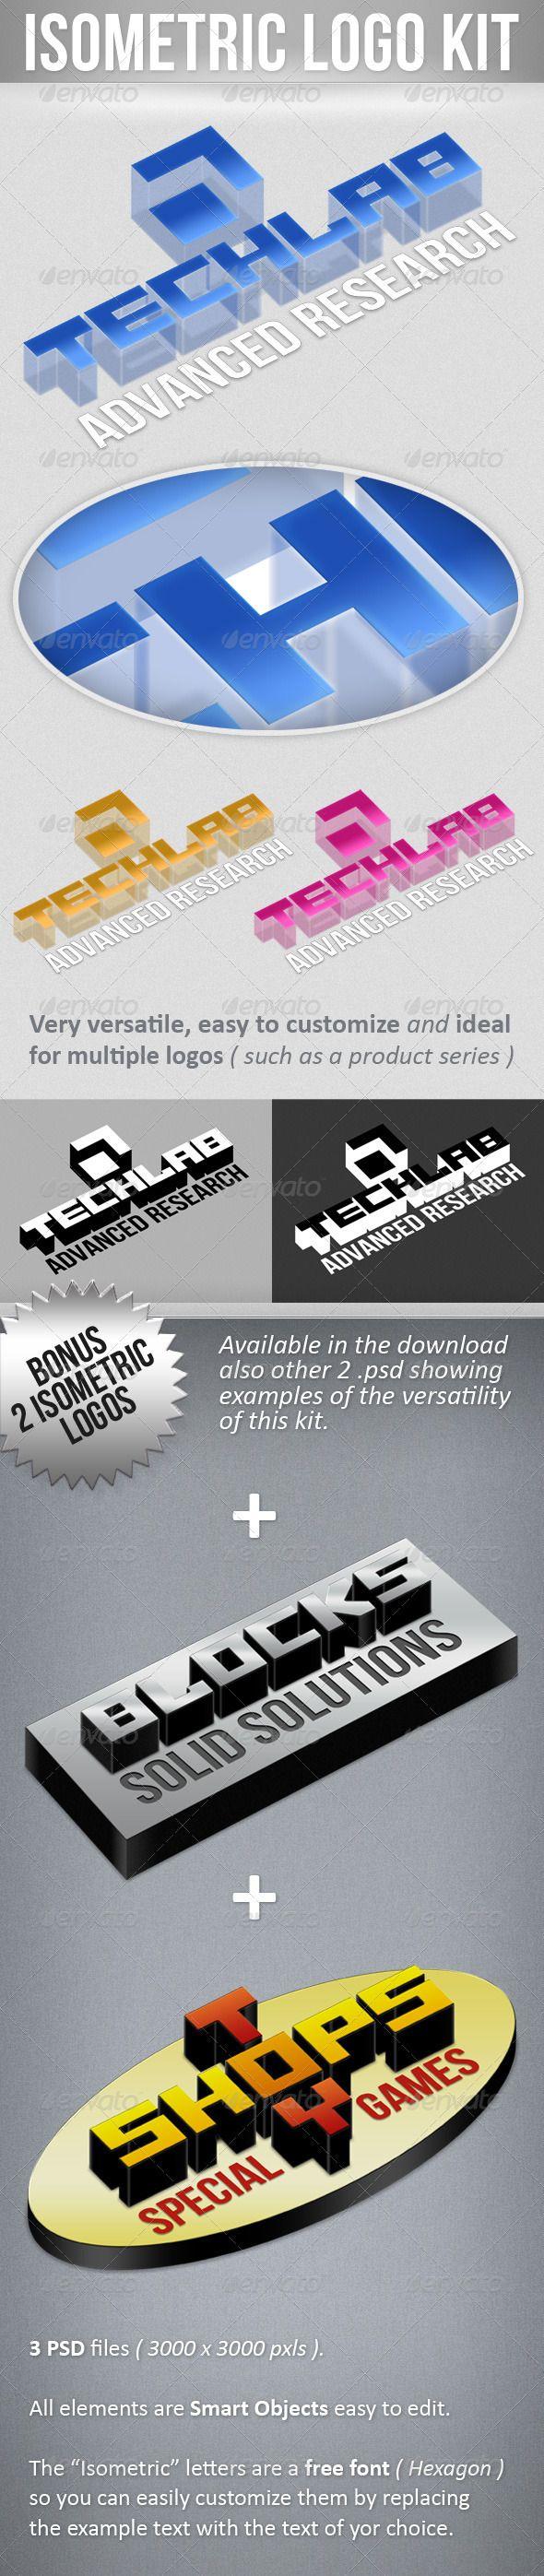 Isometric Logo Kit